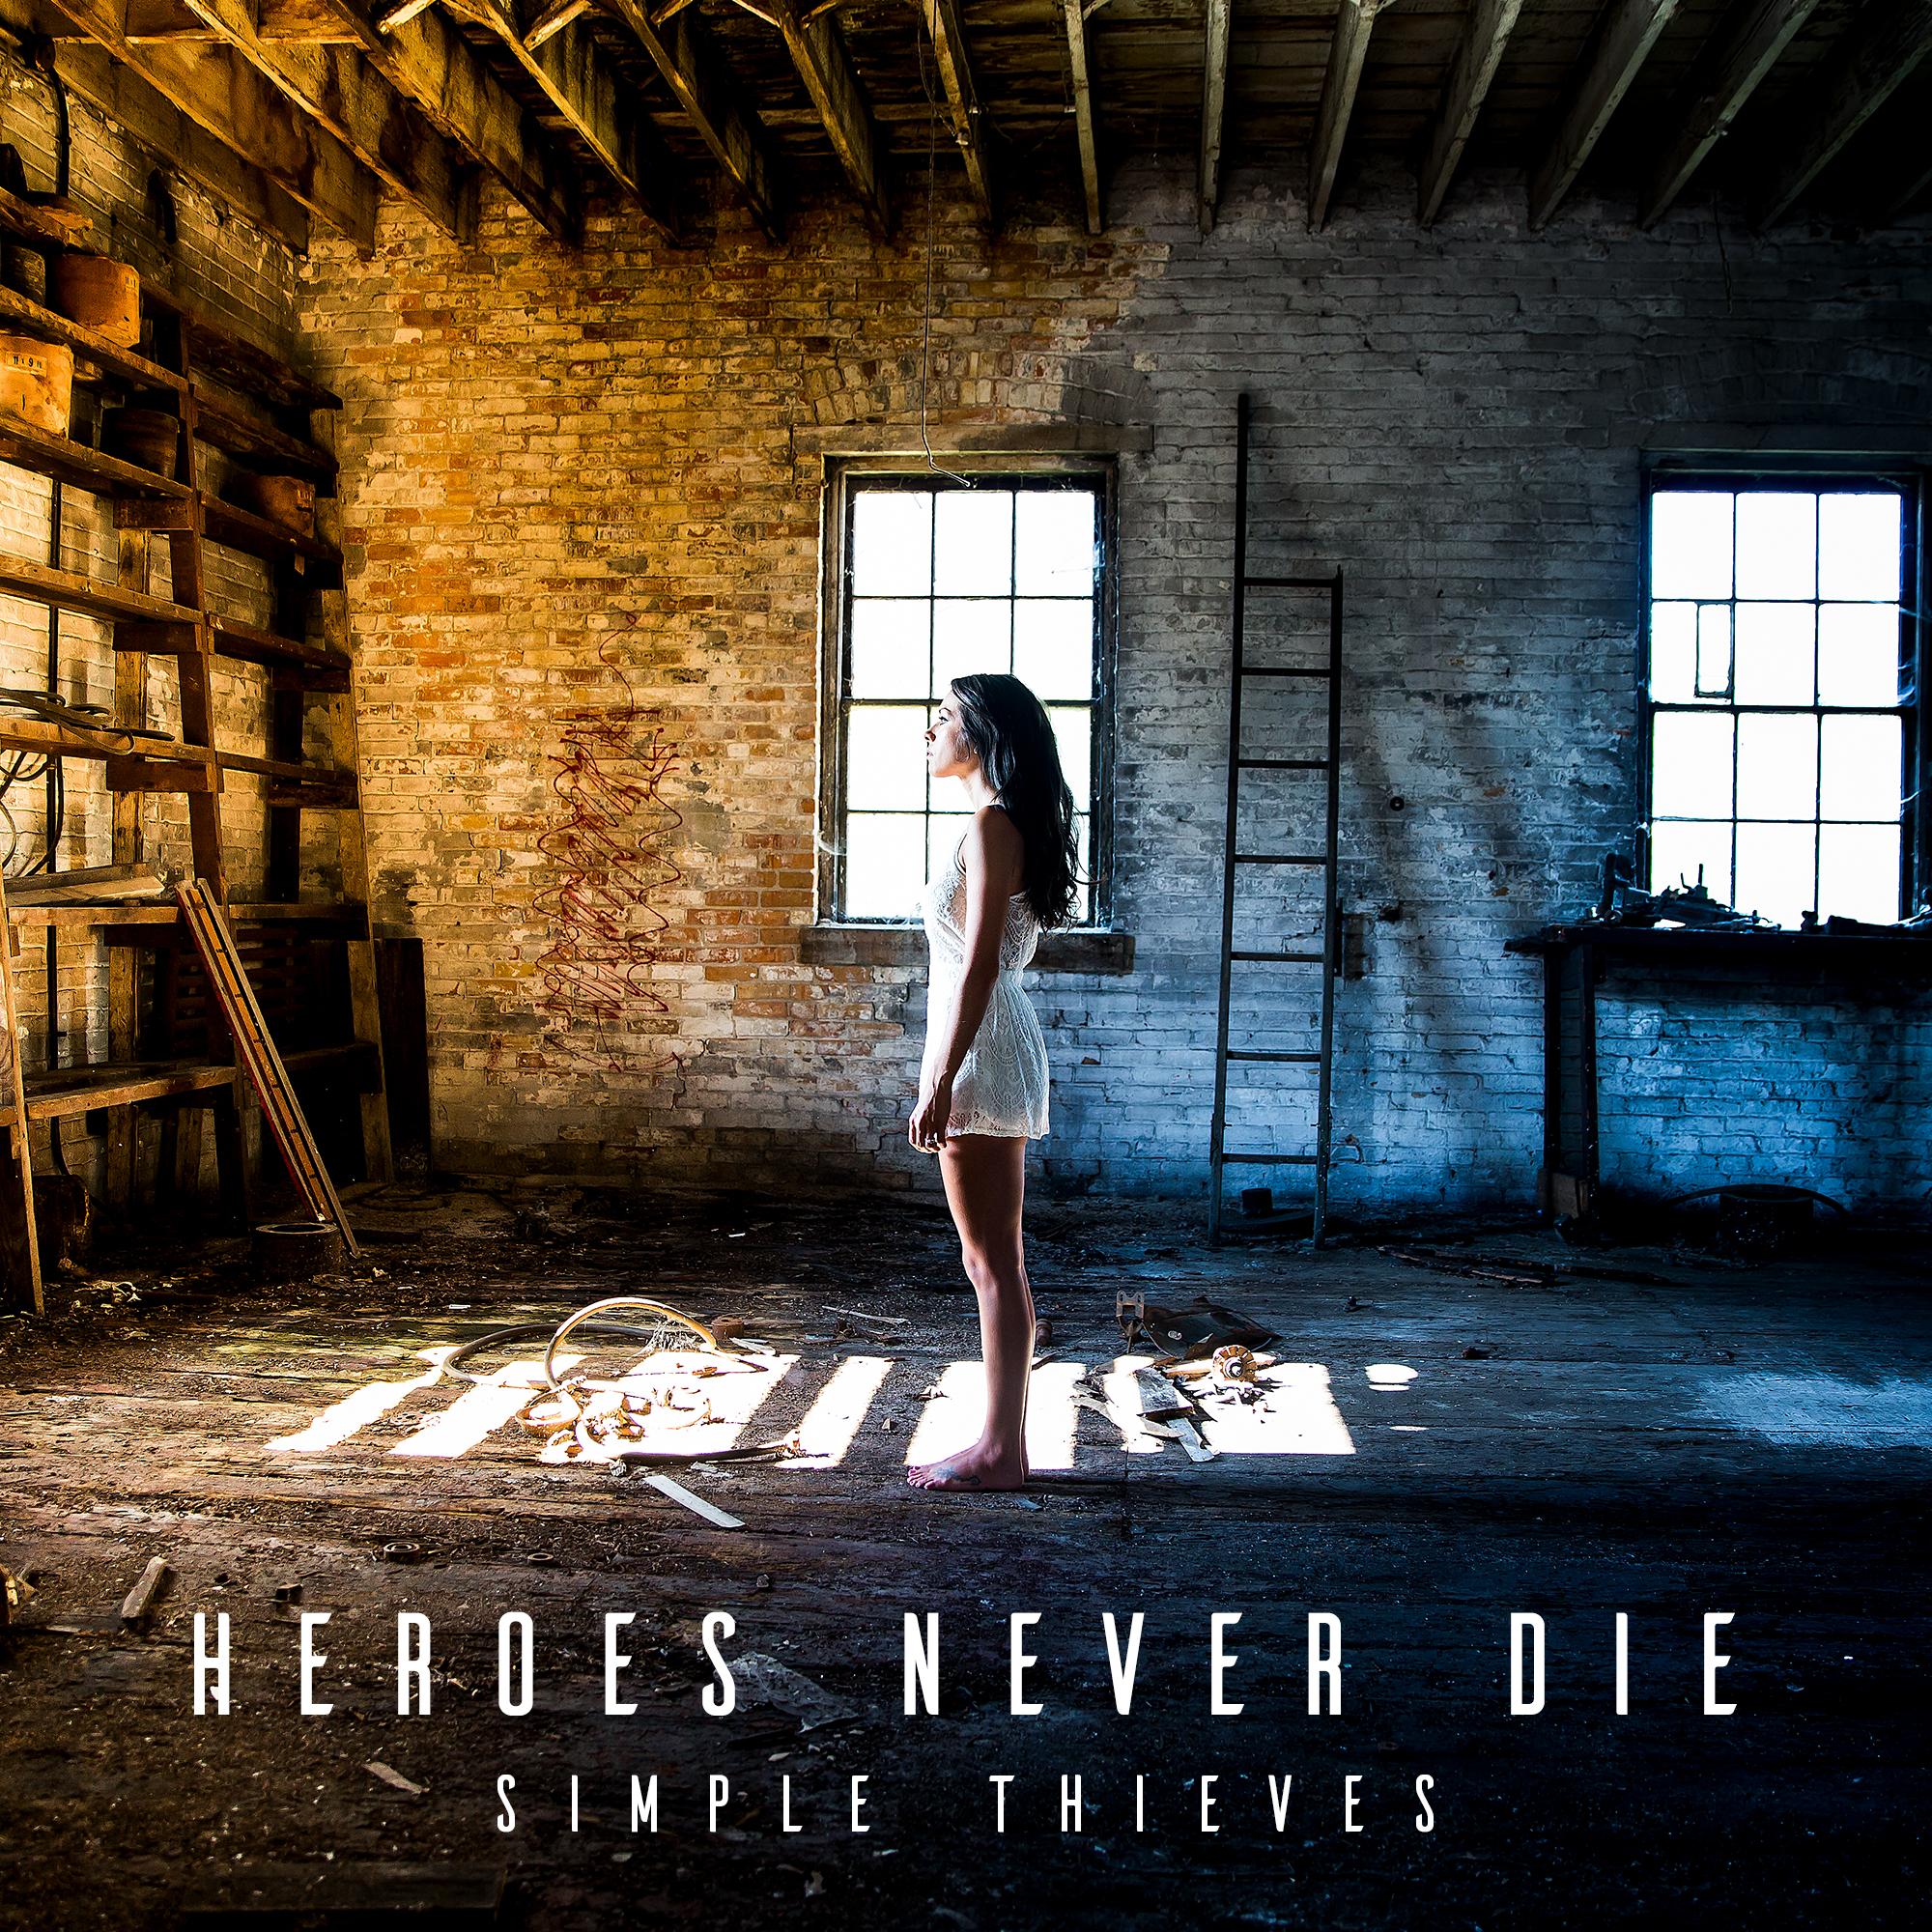 Simple Thieves - Heroes Never Die ARTWORK.jpg